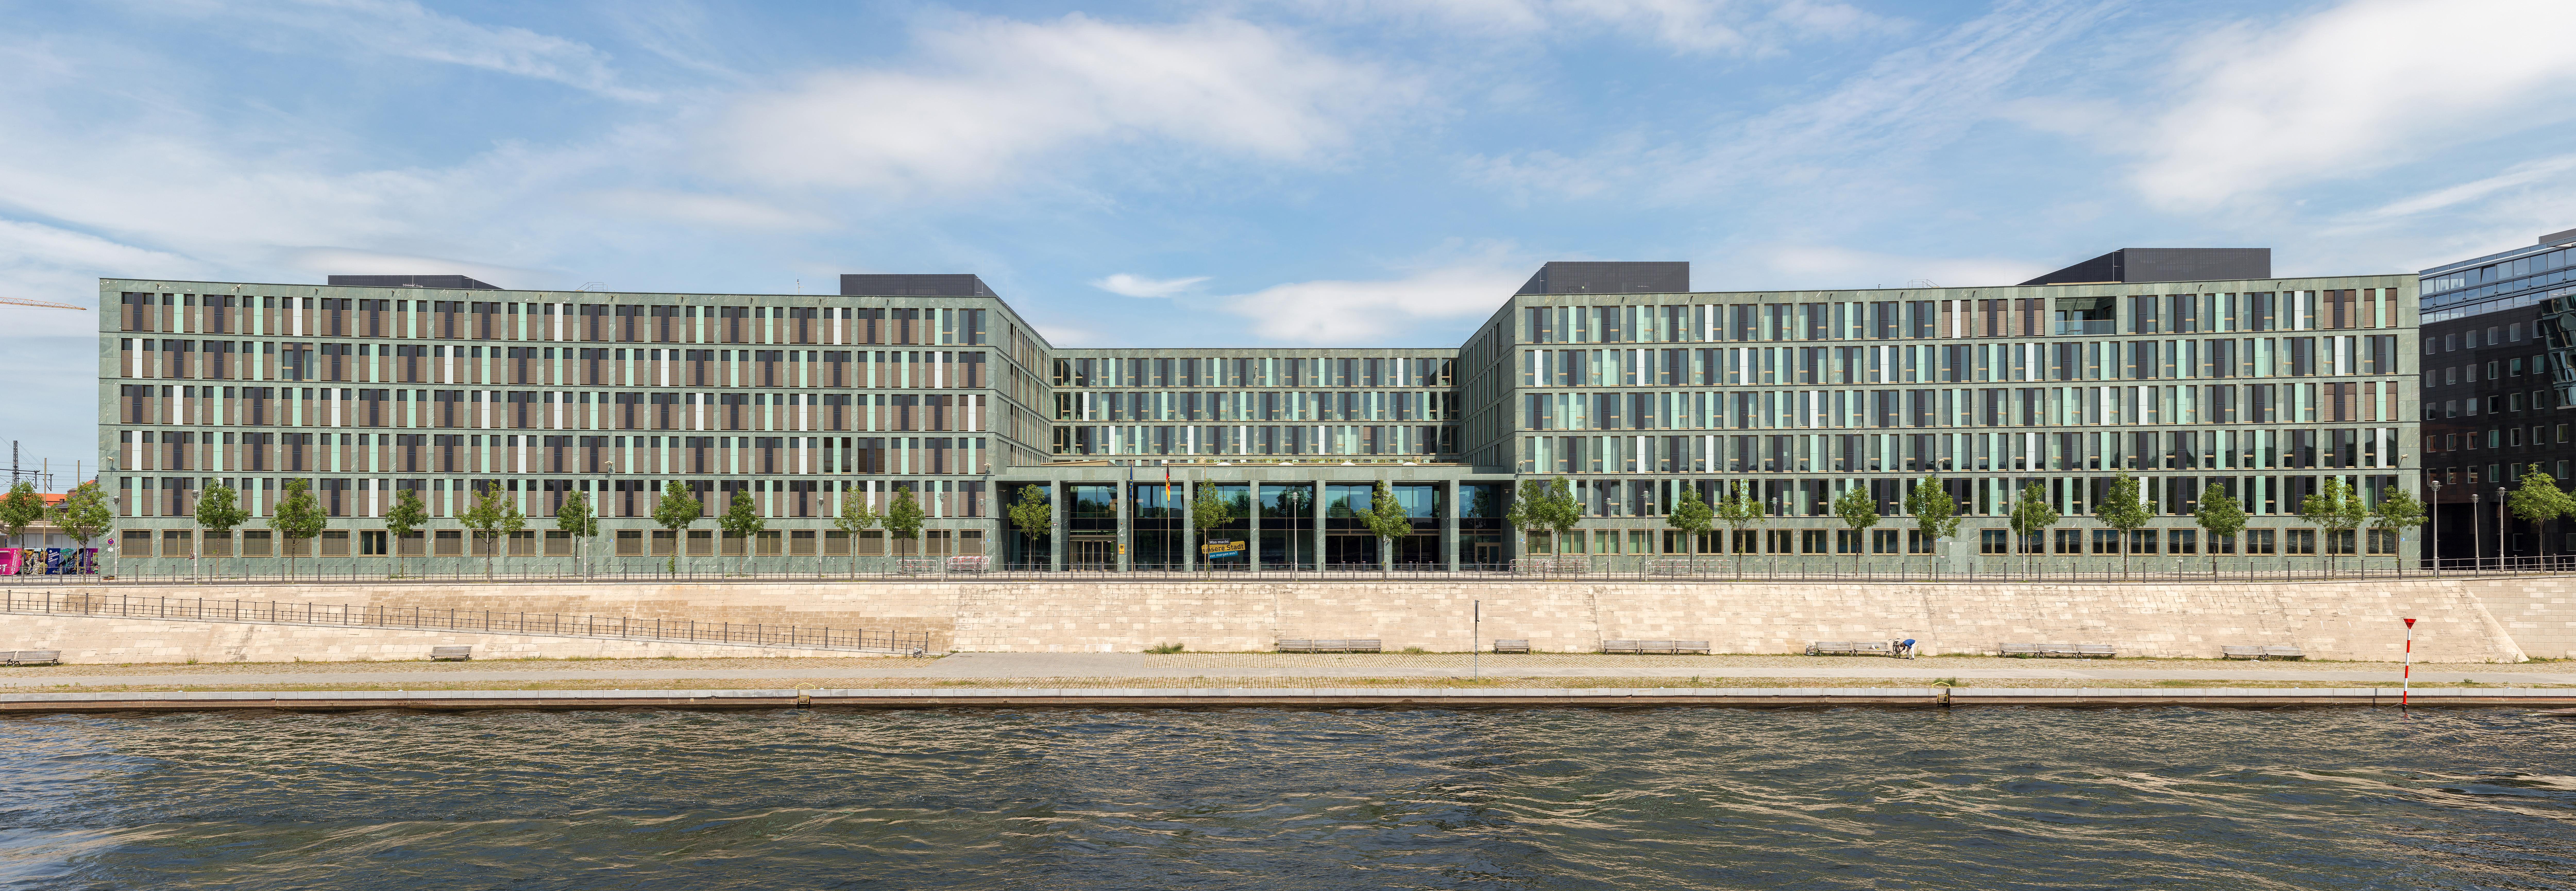 Heinle Wischer Partner file bundesministerium für bildung und forschung berlin 150607